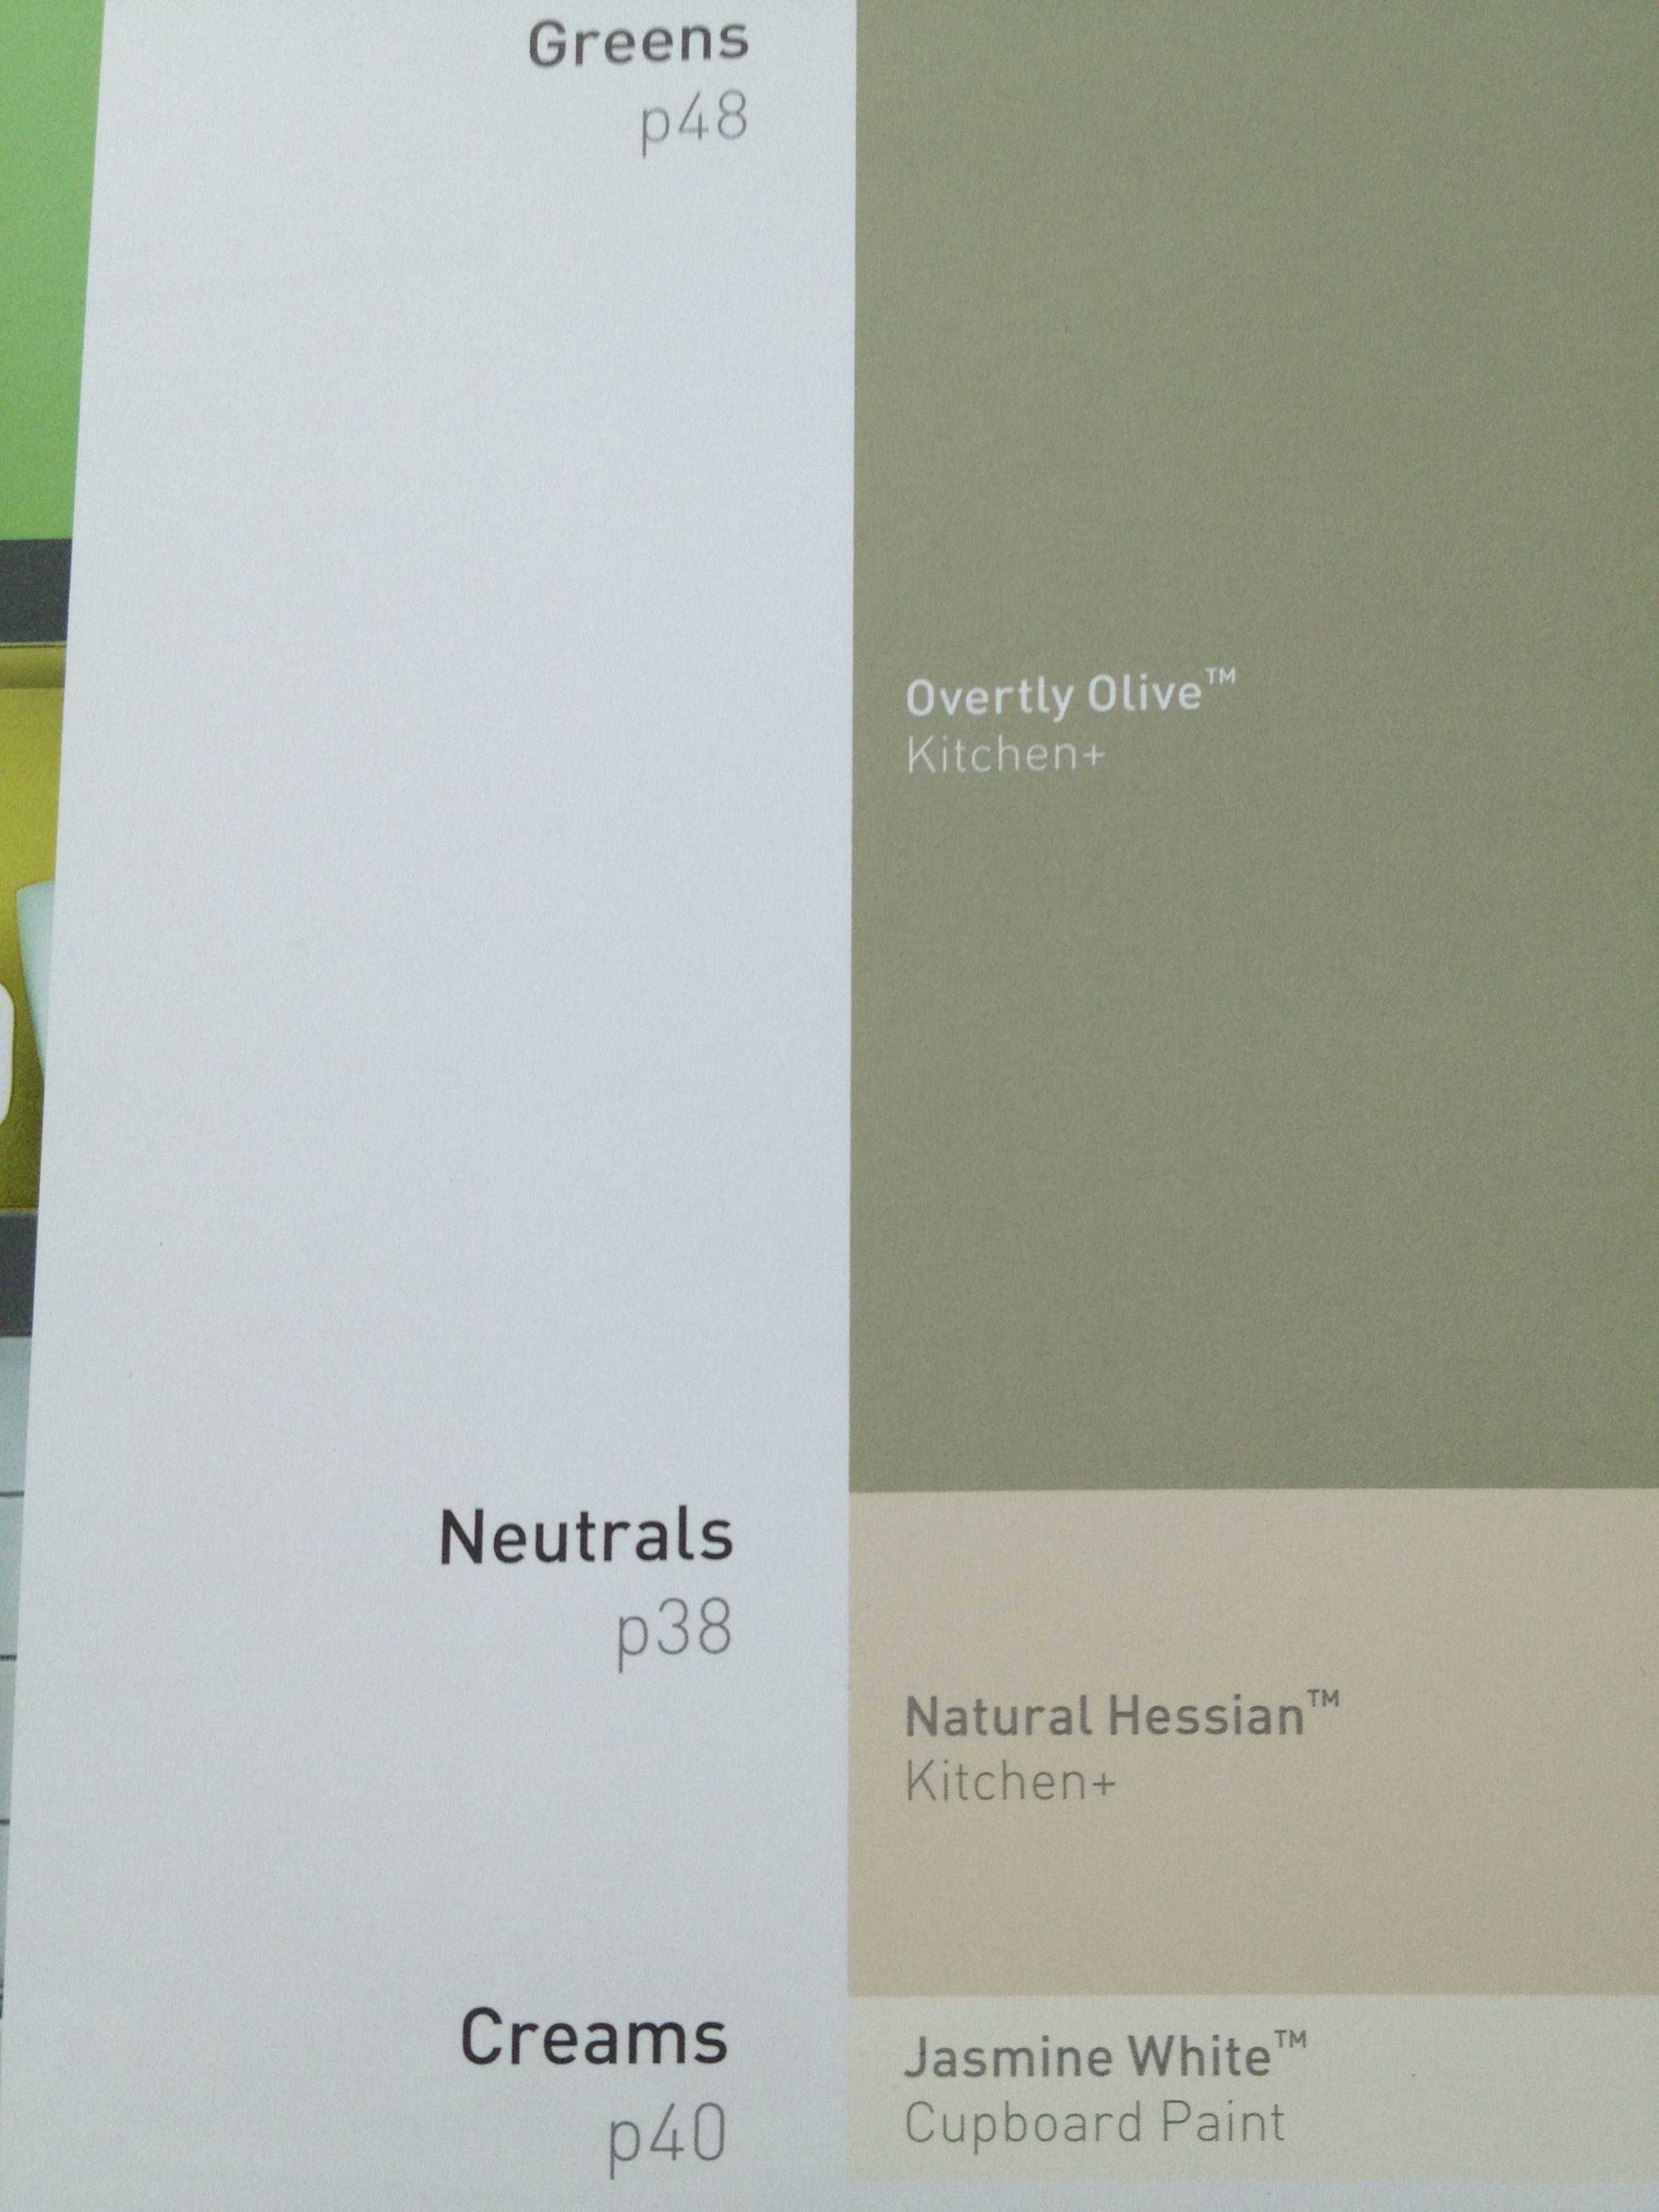 Dulux Green Based Colour Scheme Bedroom Pinterest Color